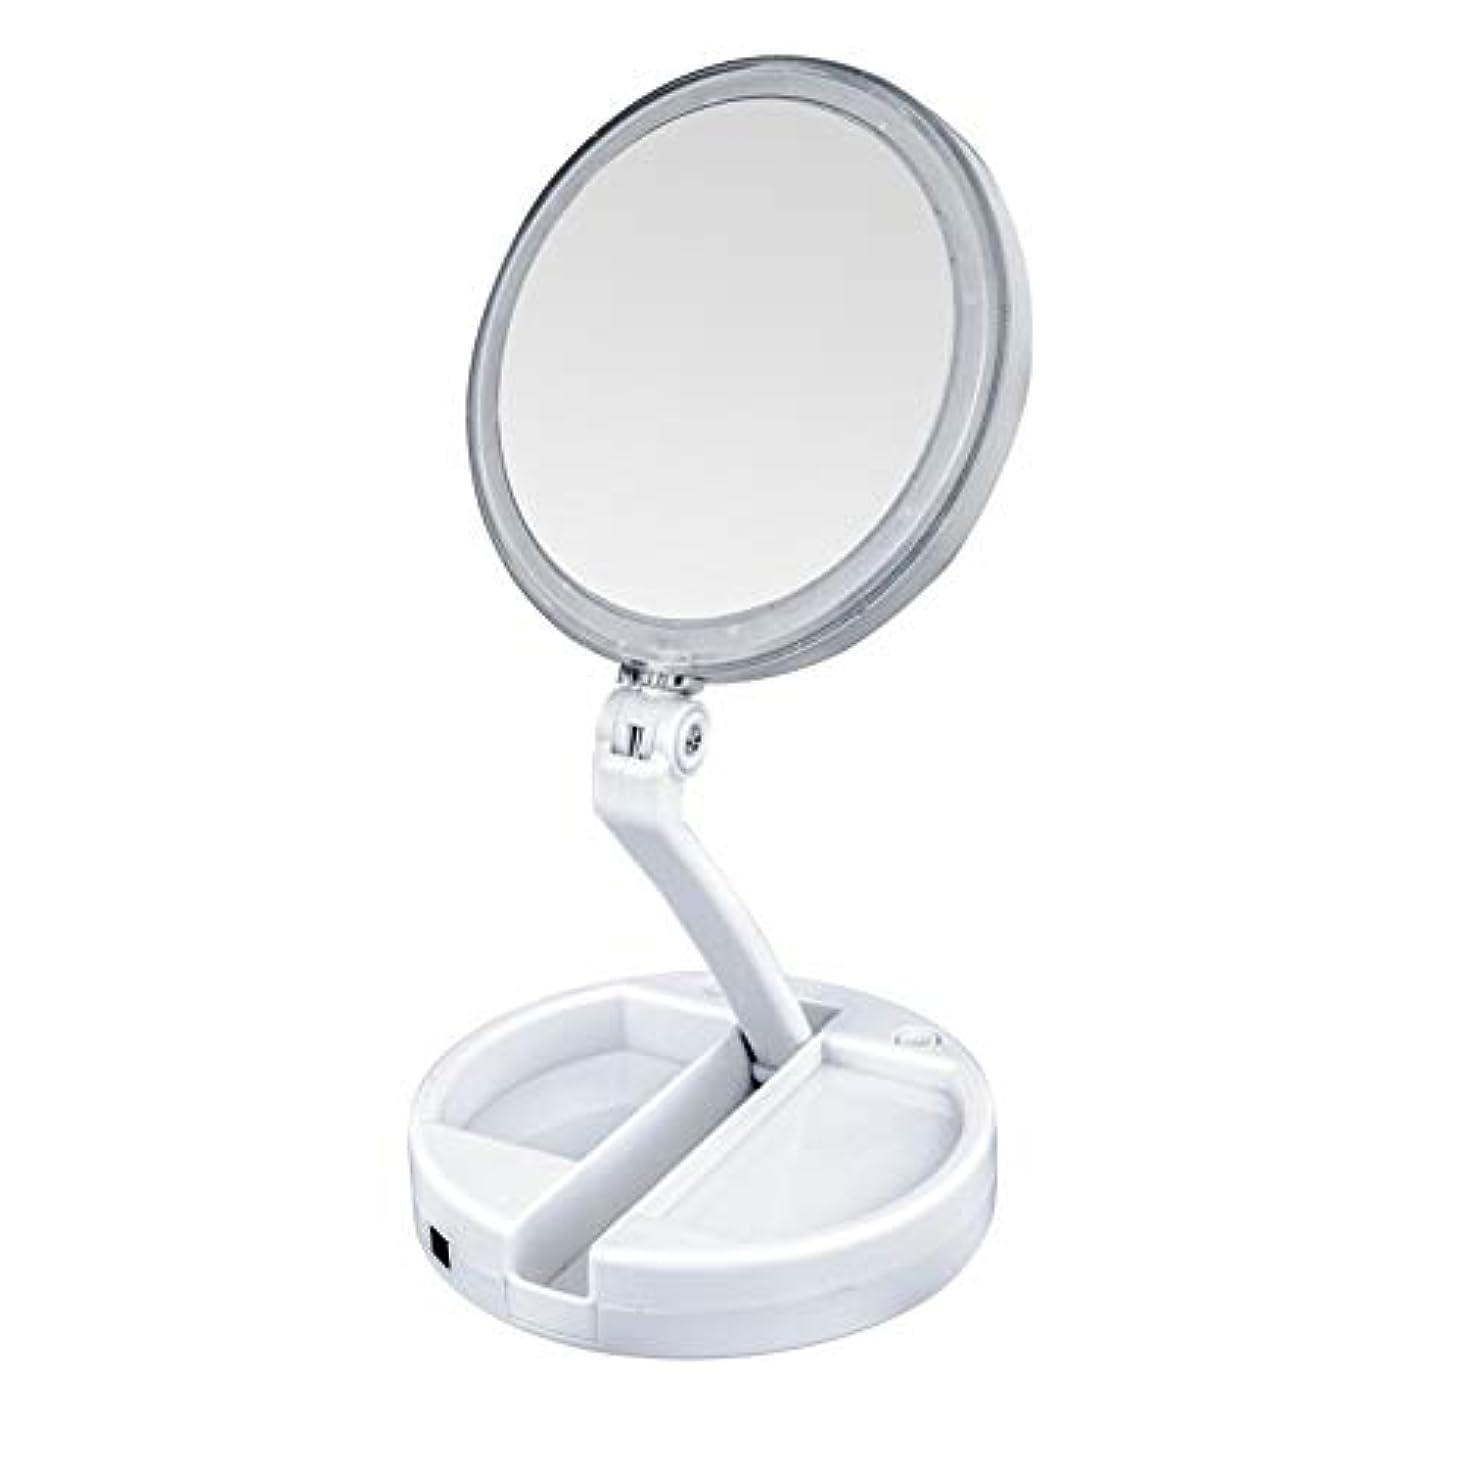 にやにやびっくり姪lily's JP home 化粧鏡 拡大鏡 LEDライト付き 女優ミラー 両面鏡 折りたたみメイク鏡 携帯便利360°回転ミラー USB充電式と電池式 収納ボックス付き 照明用